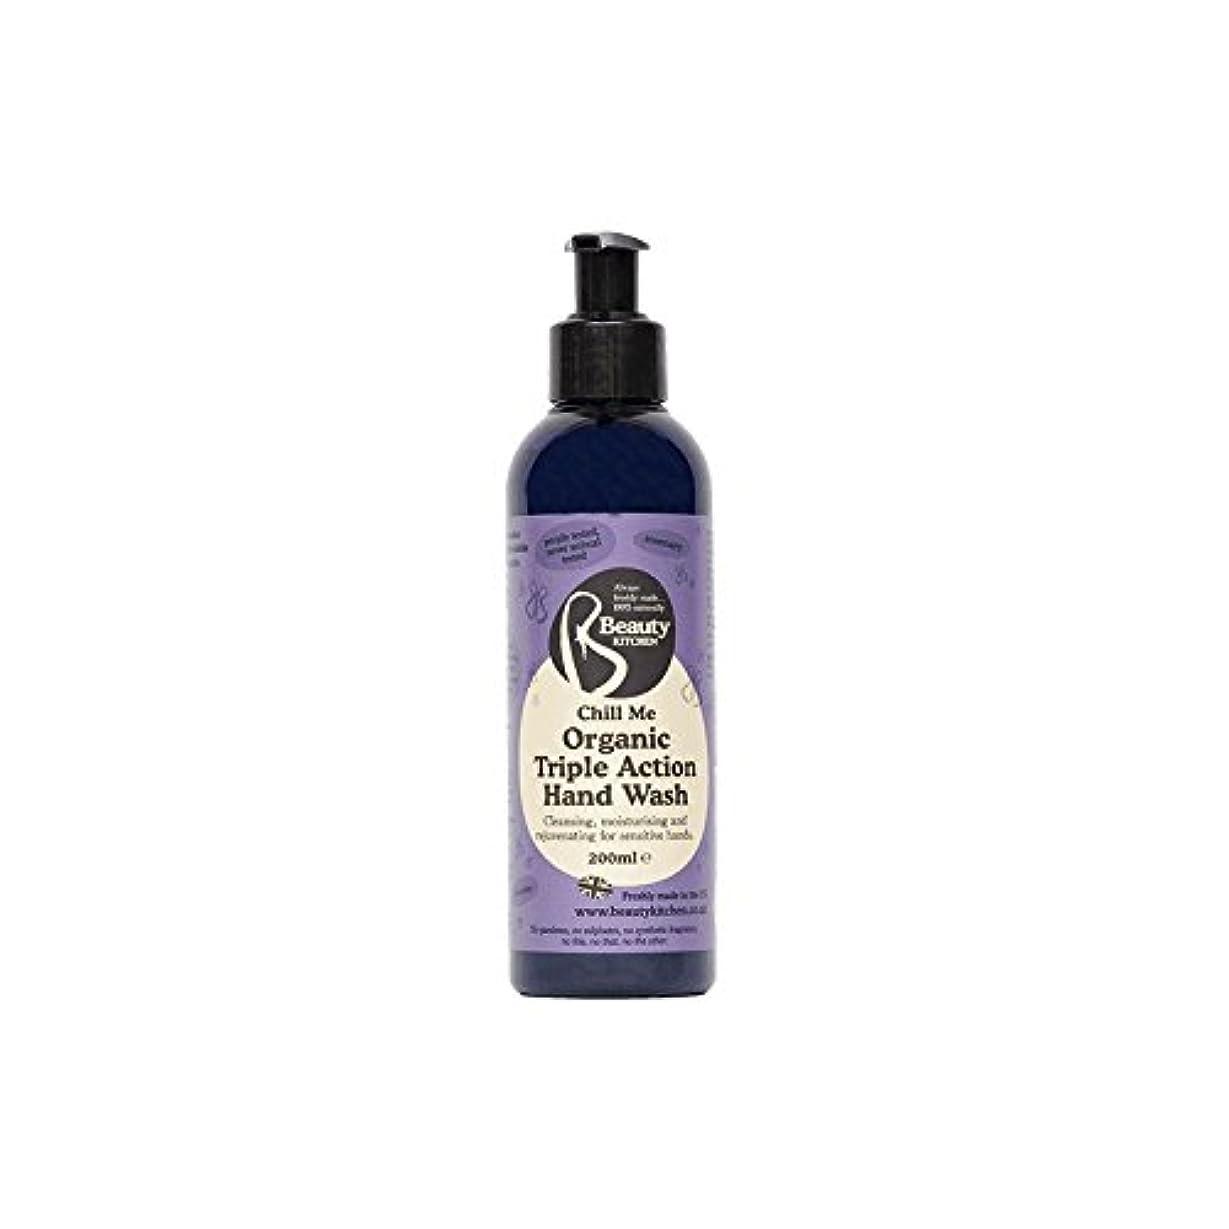 アシュリータファーマンシットコムお酒Beauty Kitchen Chill Me Organic Triple Action Hand Wash 200ml (Pack of 6) - 美しさのキッチンは私に有機トリプルアクションハンドウォッシュ200ミリリットル...